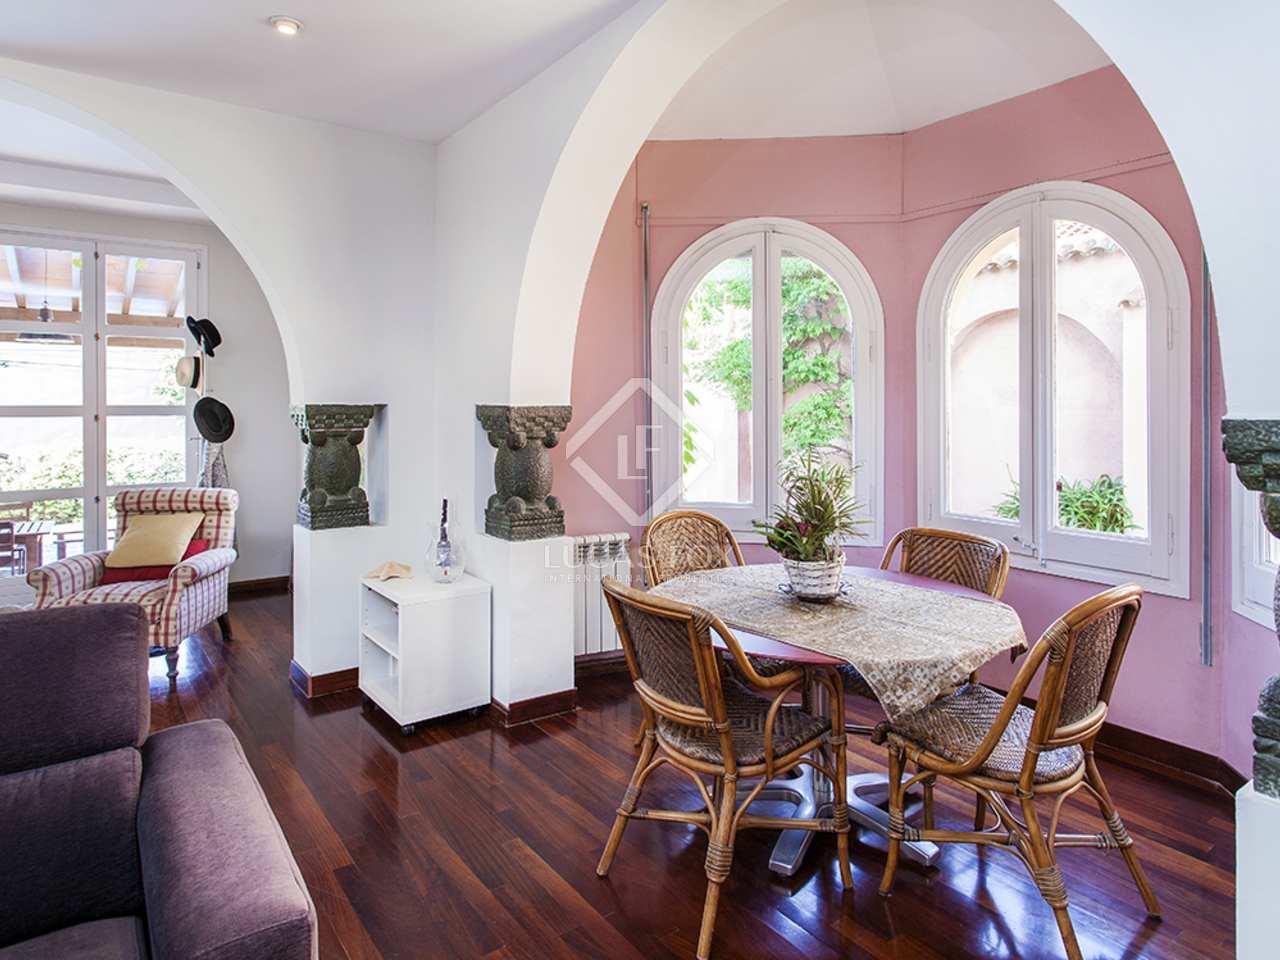 maison villa de 231m a vendre sant cugat barcelone. Black Bedroom Furniture Sets. Home Design Ideas